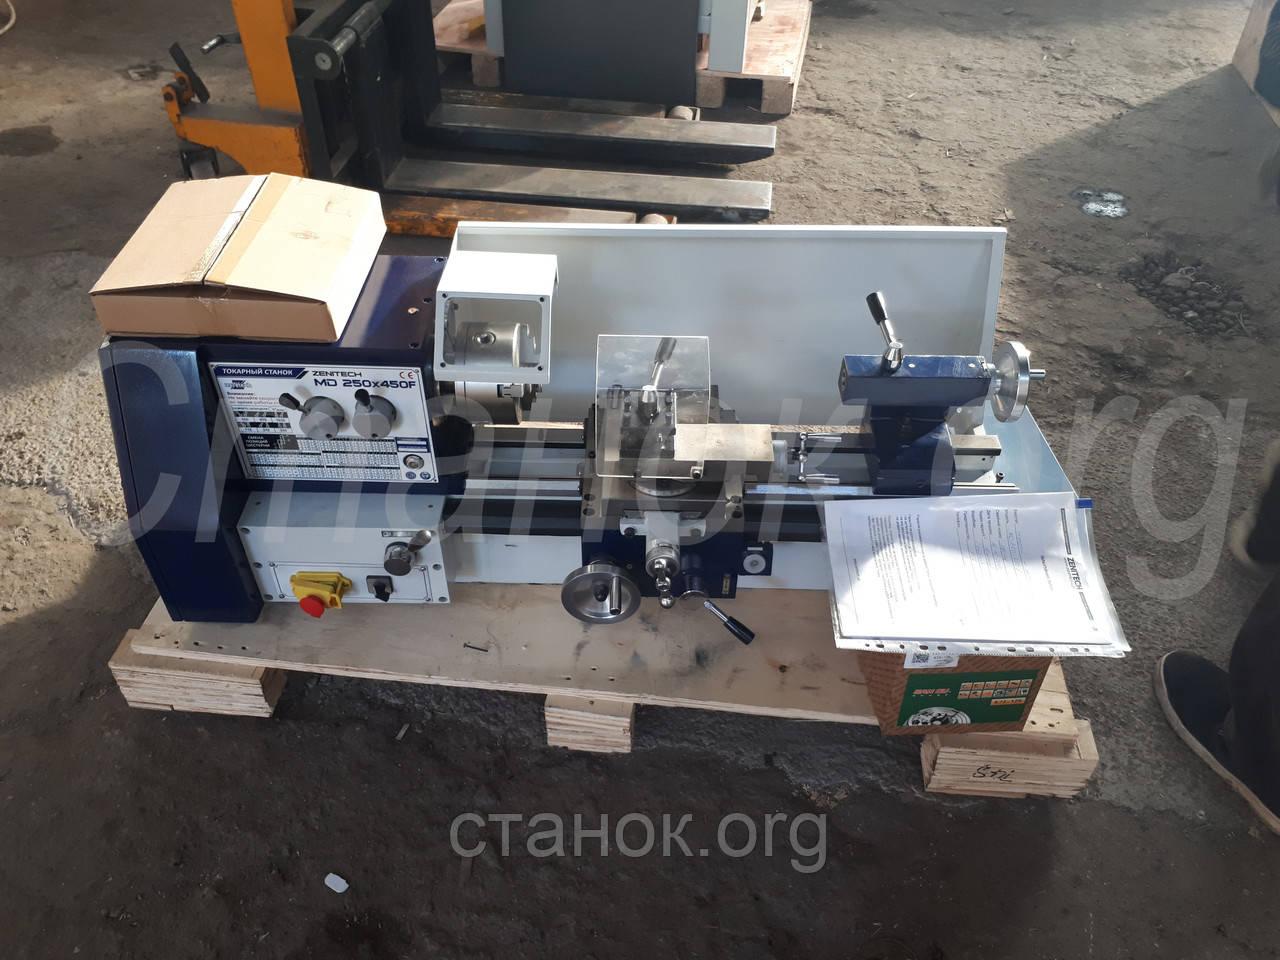 Zenitech MD 250-450 F Токарный станок по металлу (c механической коробкой) зенитек мд 250 450 ф